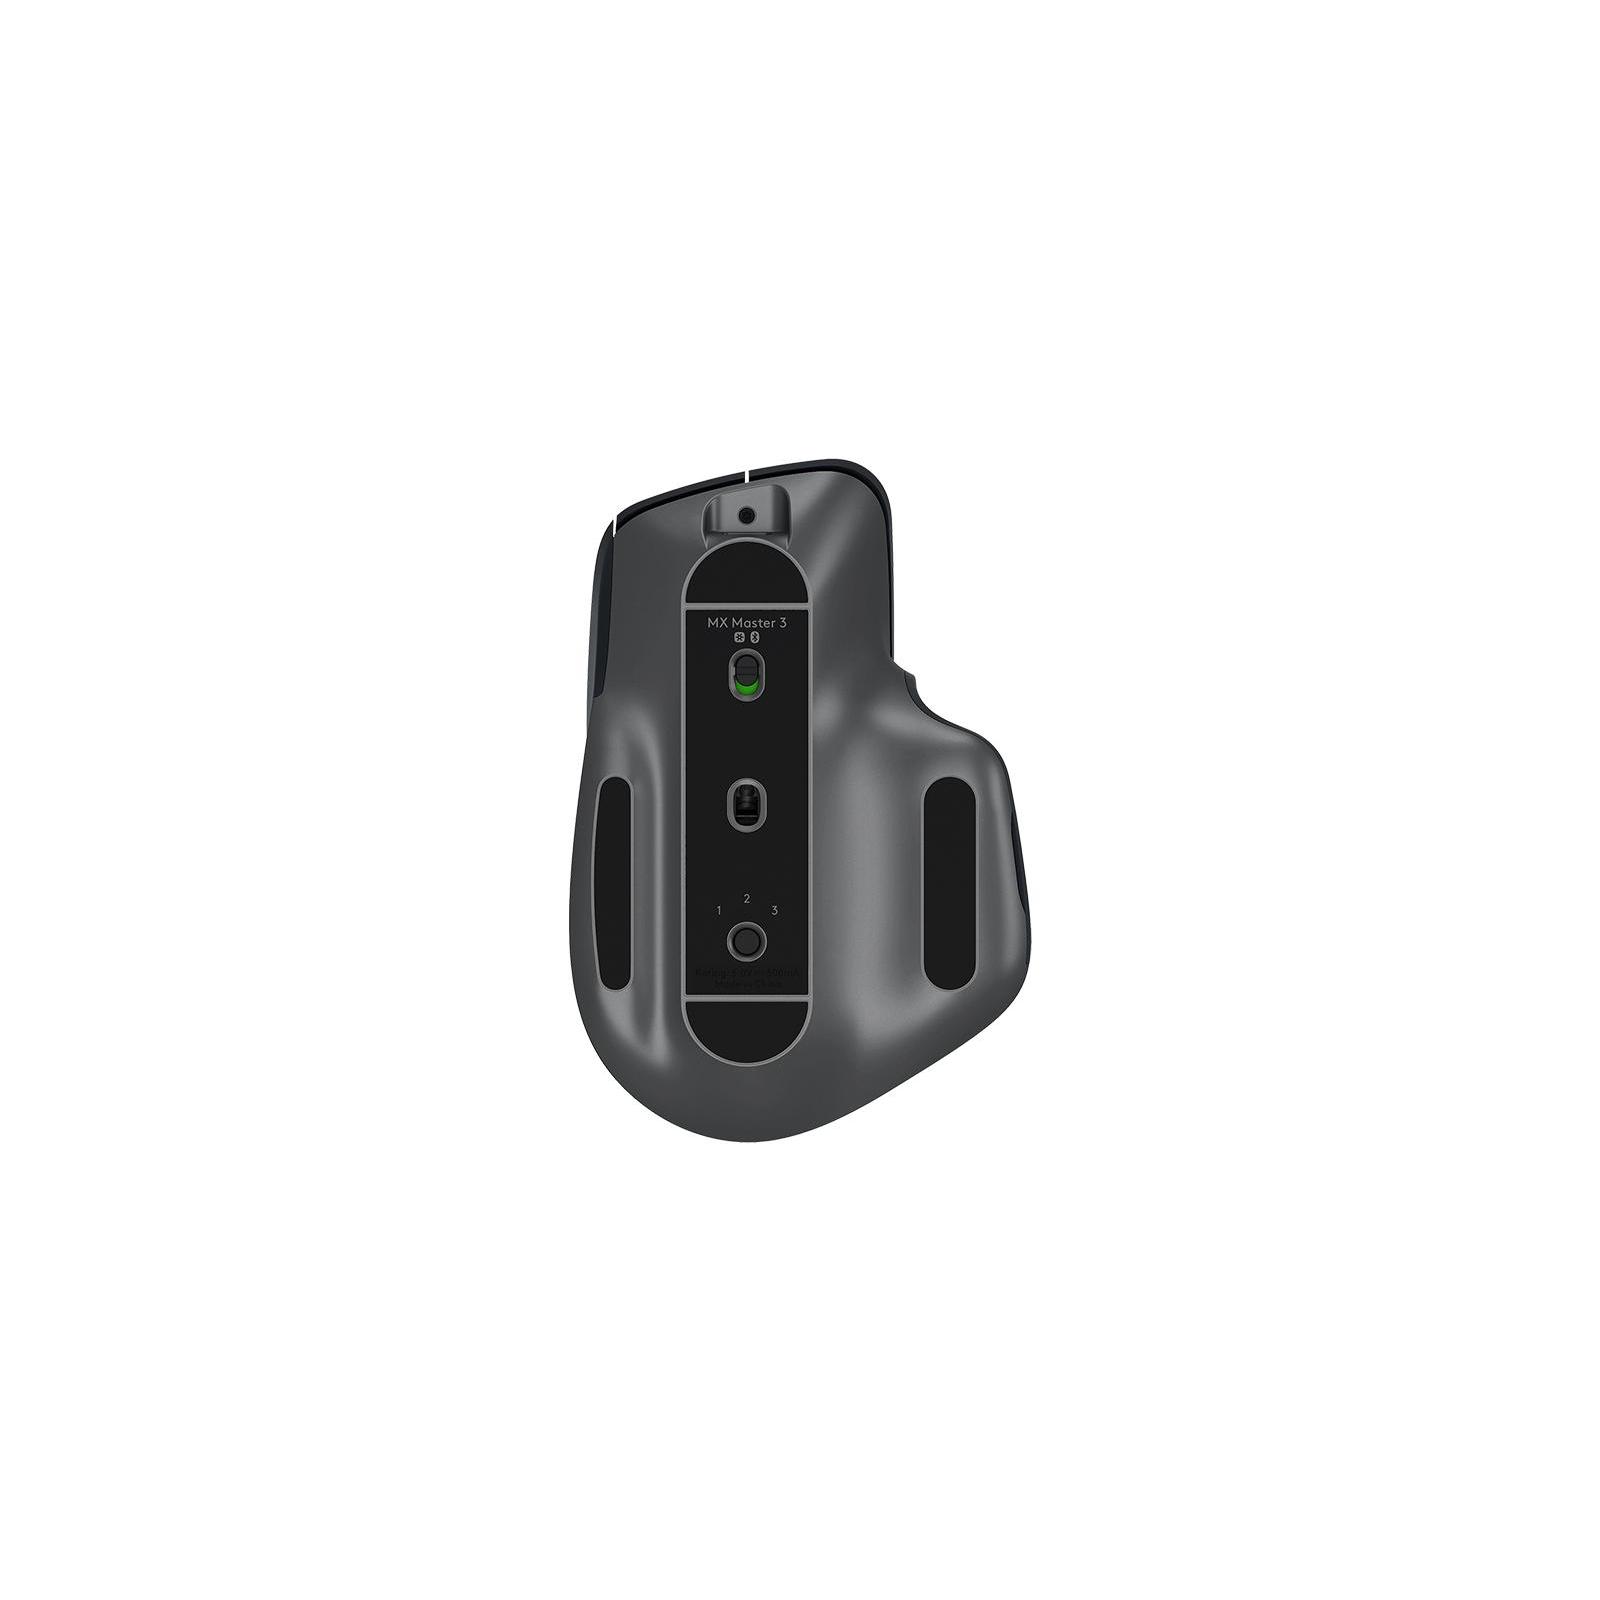 Мышка Logitech MX Master 3 Graphite (910-005694) цены в Киеве и Украине - купить в магазине Brain: компьютеры и гаджеты